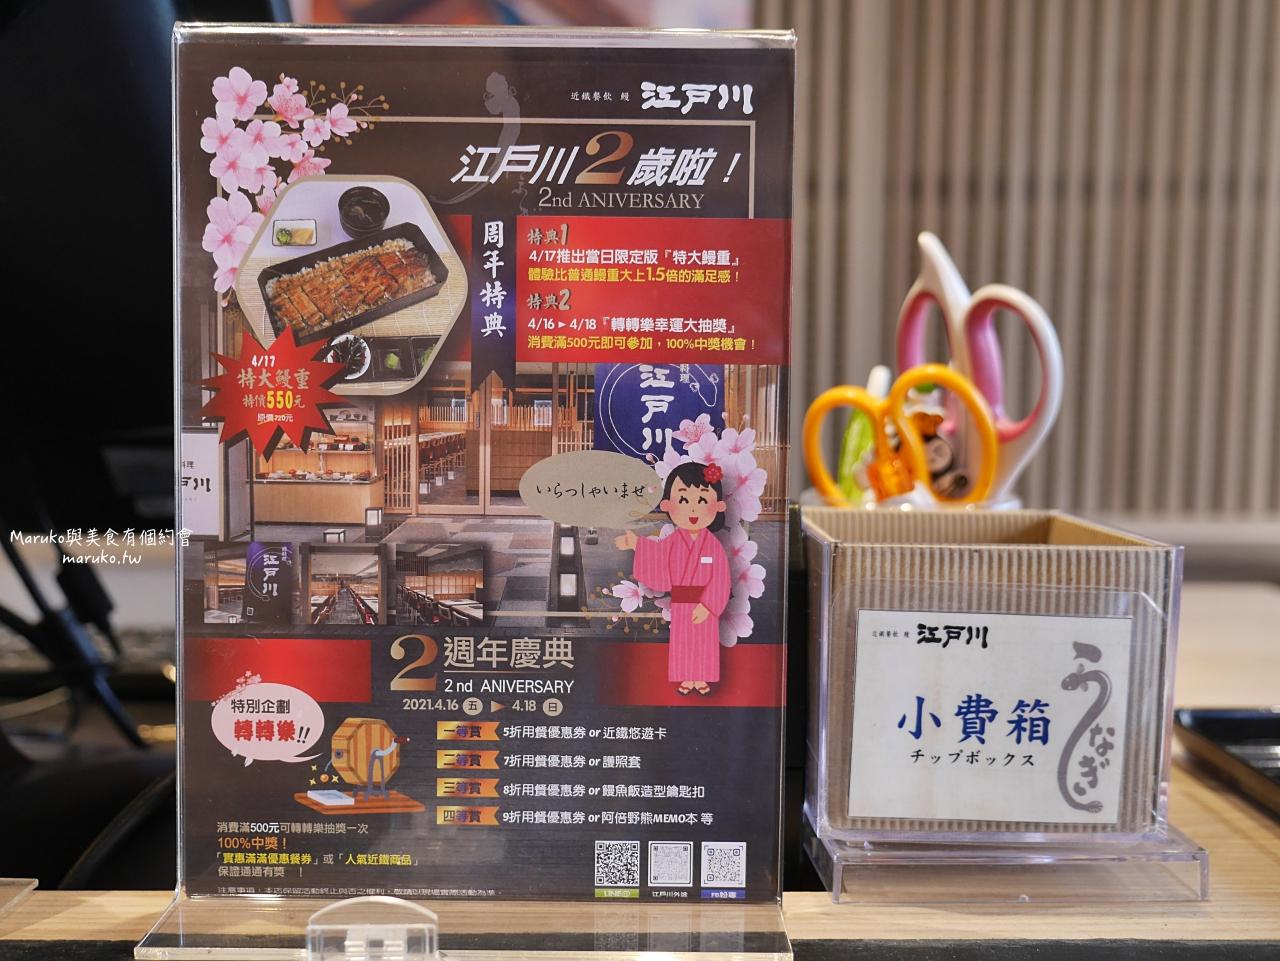 【台北】江戶川來自京都鰻魚飯老店鰻重只要250元起,六條通捷運中山站美食(二周年慶活動資訊) @Maruko與美食有個約會